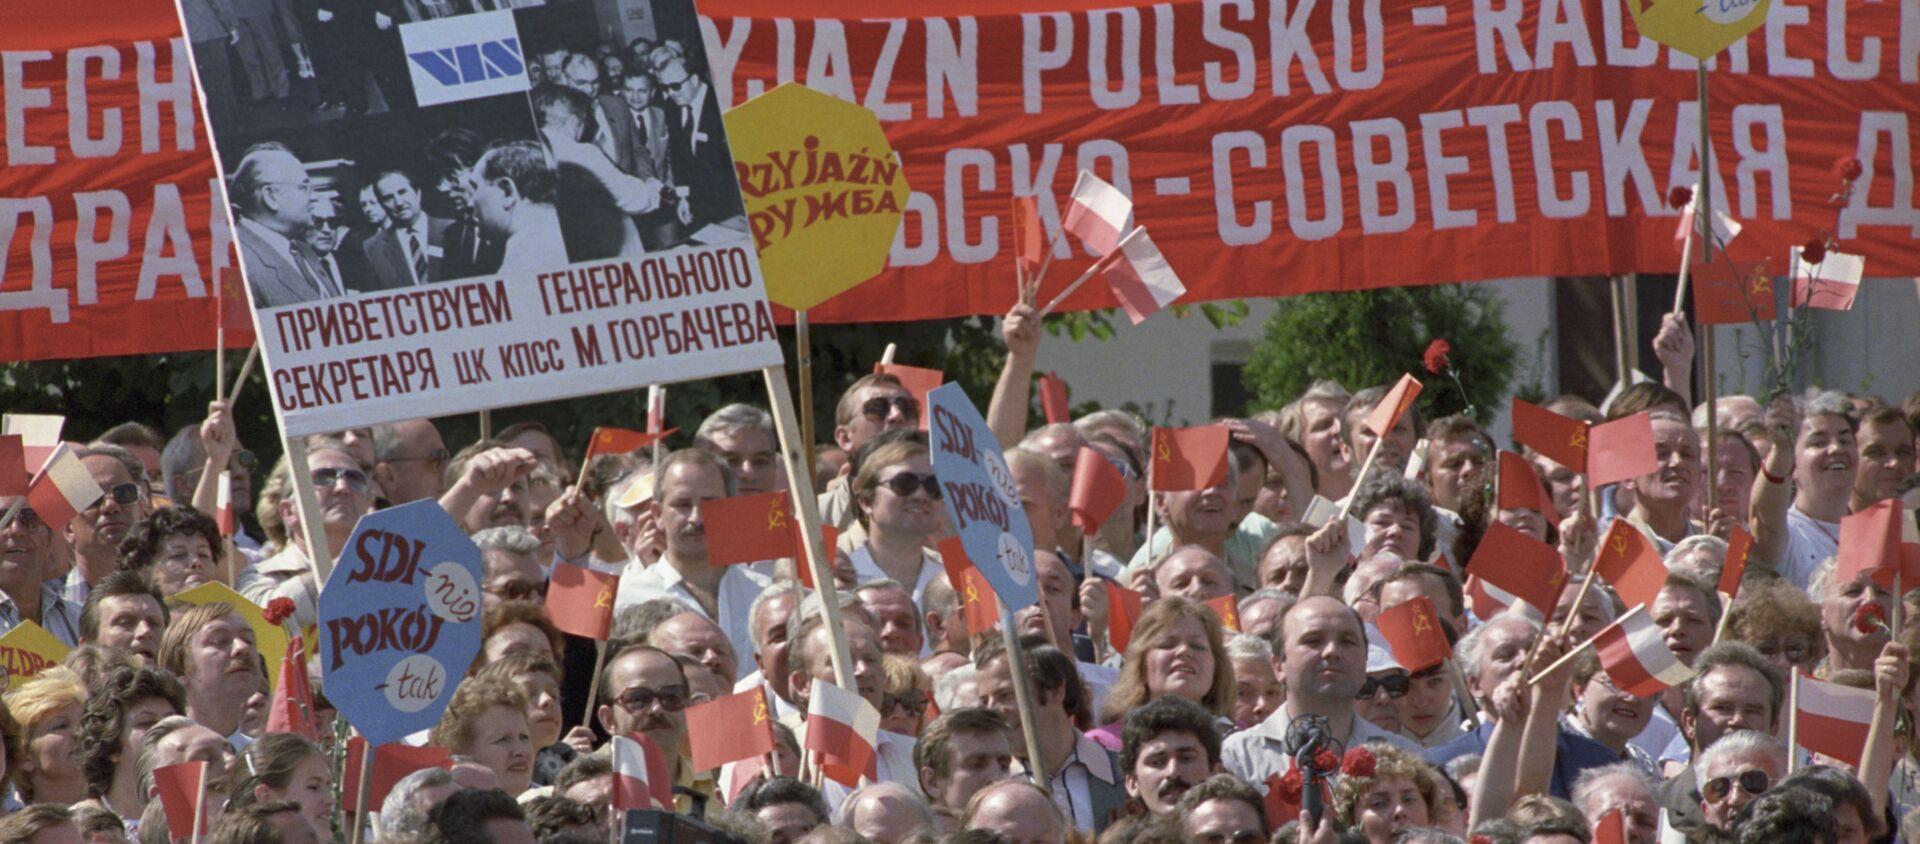 Warszawiacy witają Sekretarza generalnego Michaiła Gorbaczowa podczas oficjalnej wizyty do PRL - Sputnik Polska, 1920, 07.10.2020